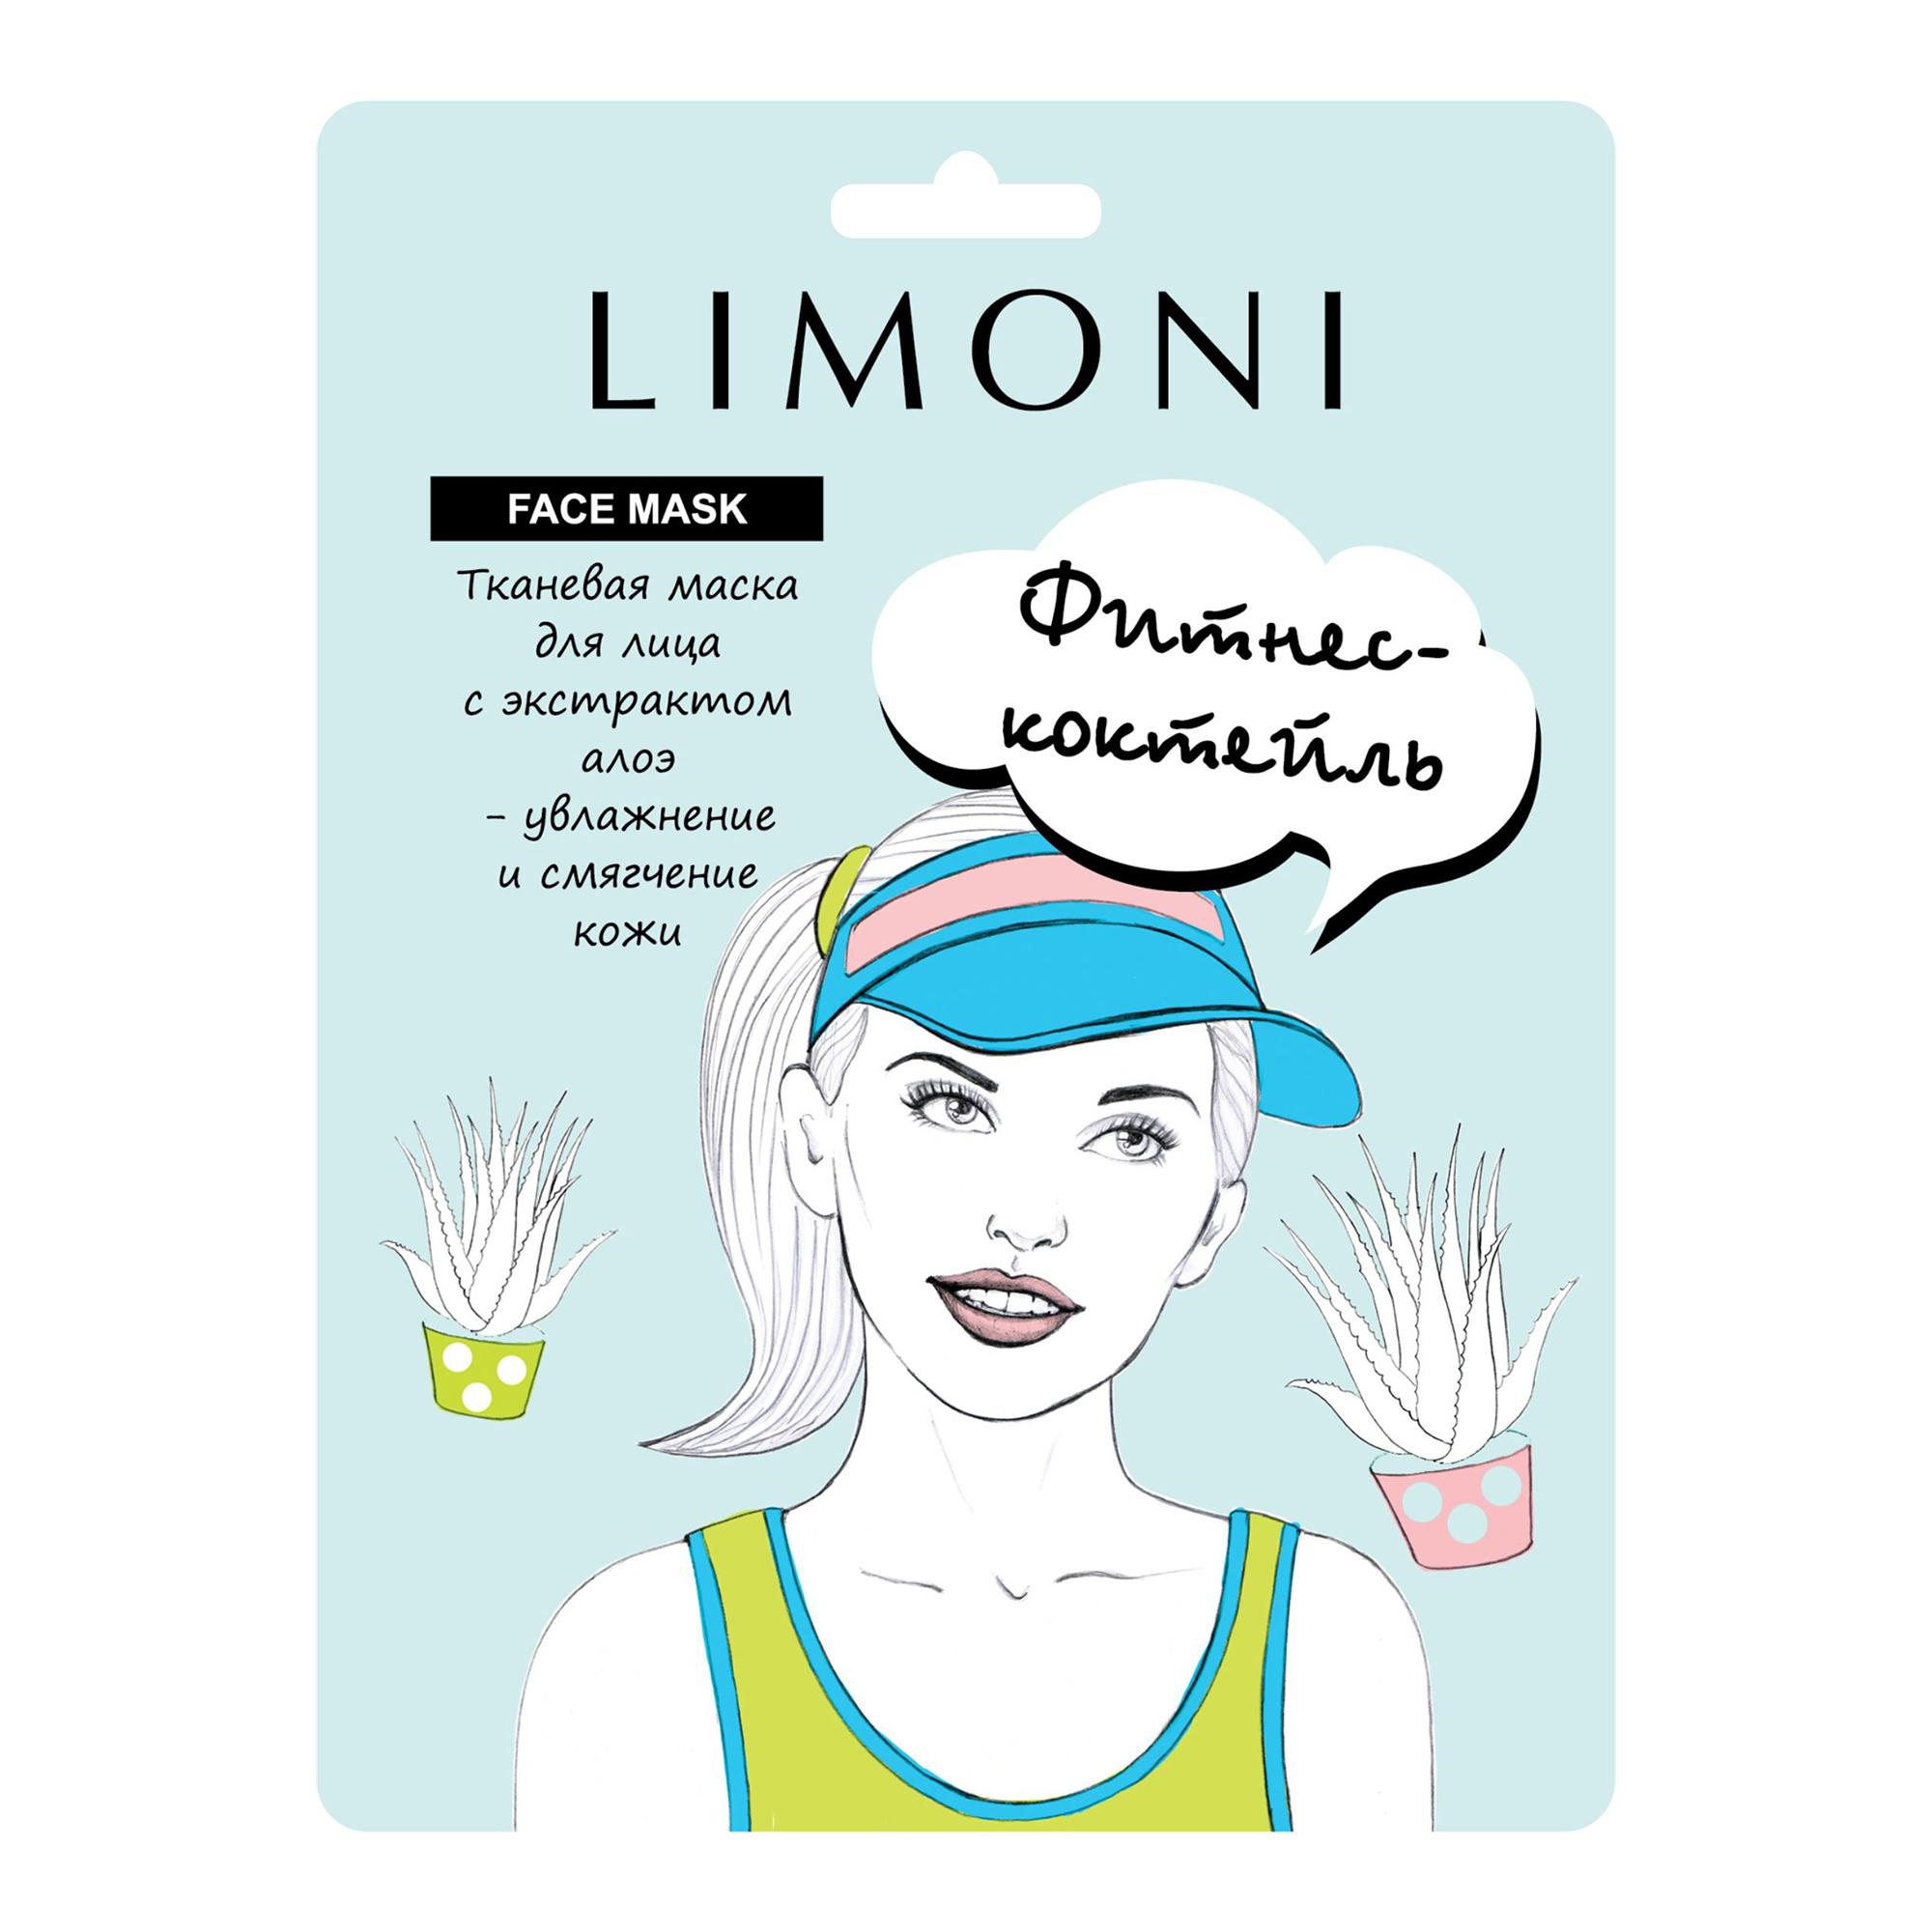 LIMONI Маска для лица увлажняющая с экстрактом алоэ / SHEET MASK 20гр